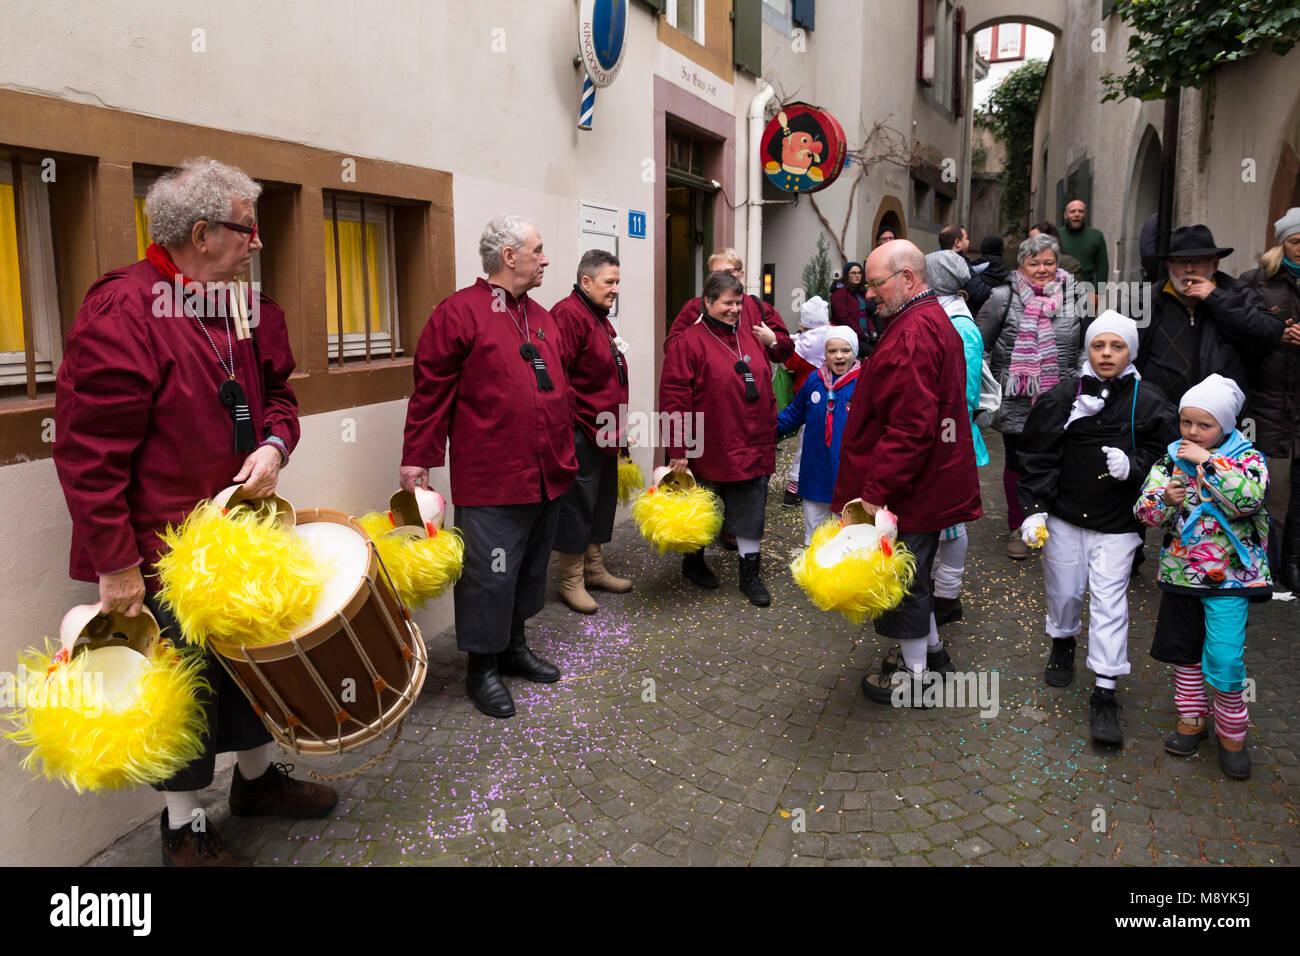 Swiss Folk Festival Imágenes De Stock & Swiss Folk Festival Fotos De ...